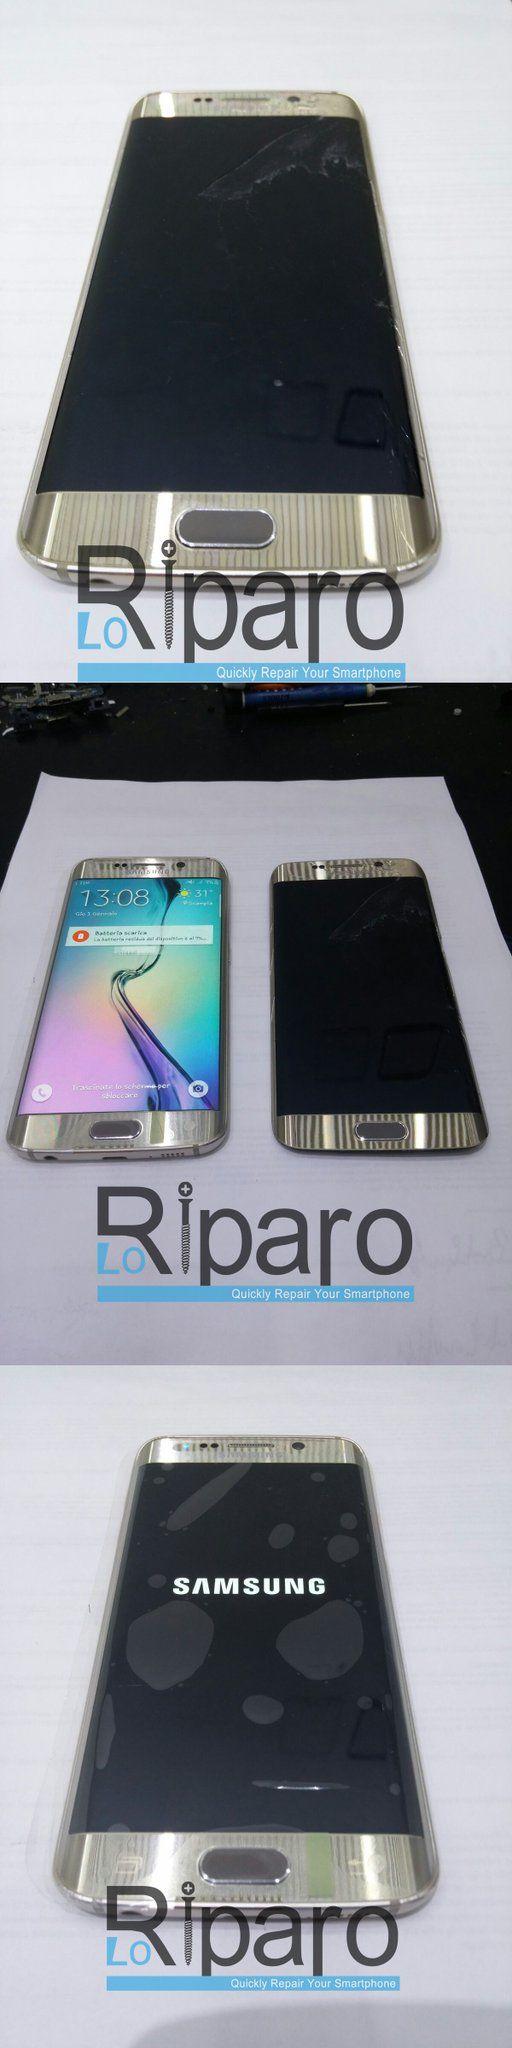 #samsung #riparazione #lcd #loriparo #s6edge  Riparazione Fatta ! ! Cambio LCD Samsung S6 Edge : 200 euro